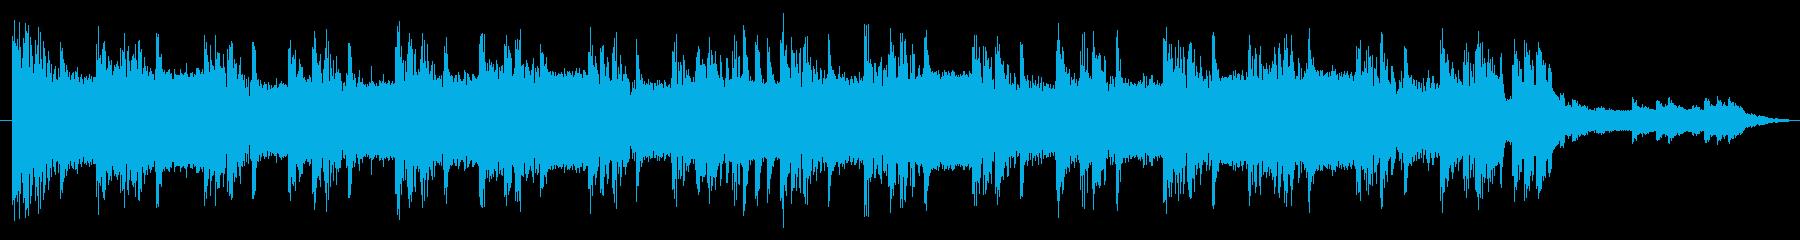 大会 エンディング ヒップホップ 30秒の再生済みの波形